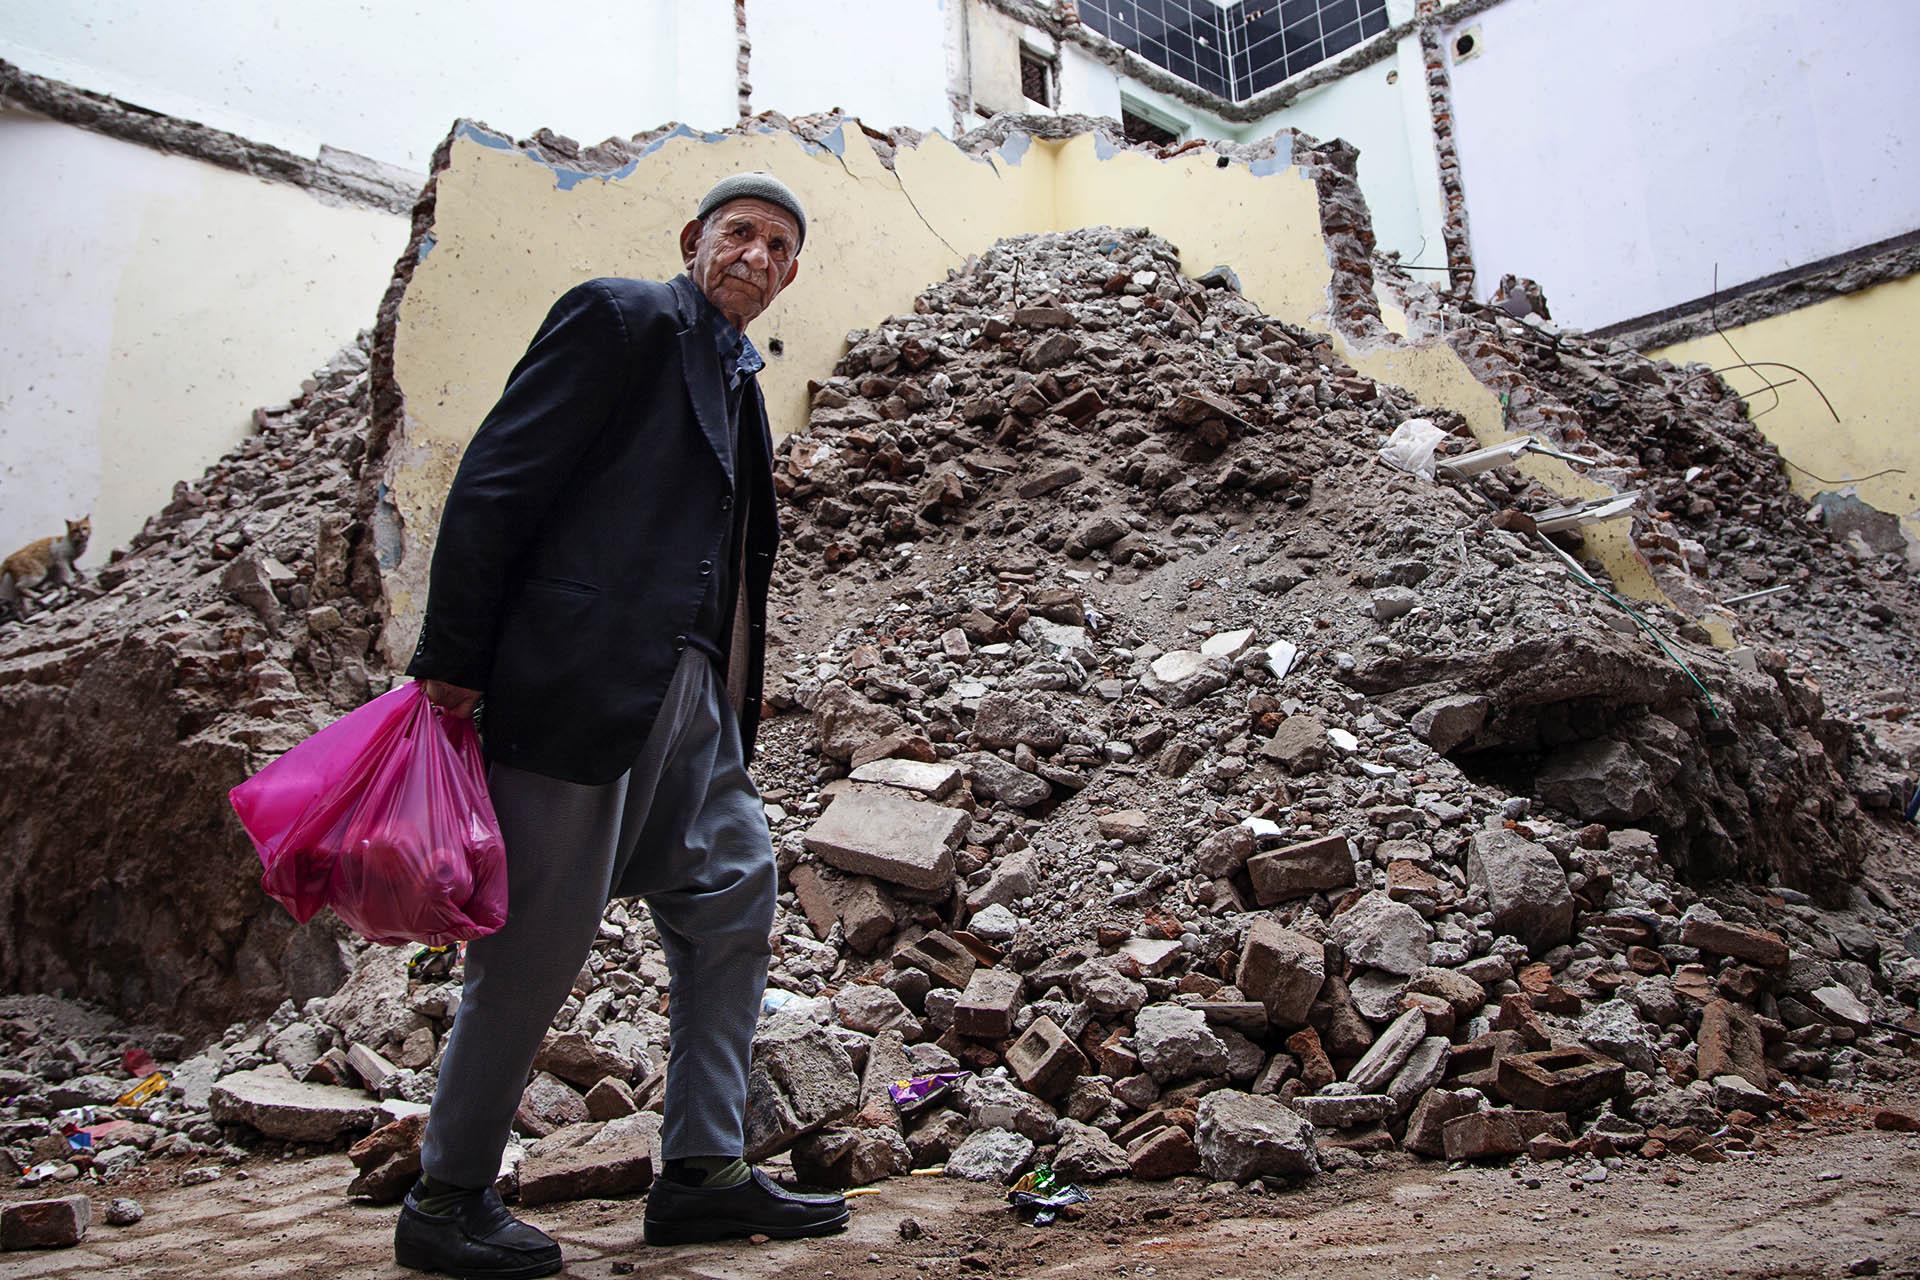 Cientos de edificios civiles han sido destruídos por bombardeos del ejército turco en su lucha contra el PKK.